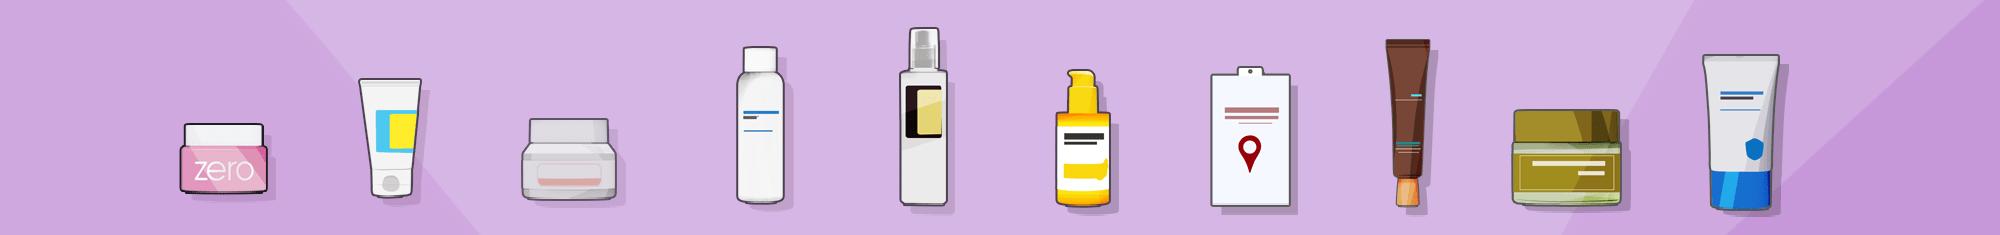 Product Illustration on a purple BG